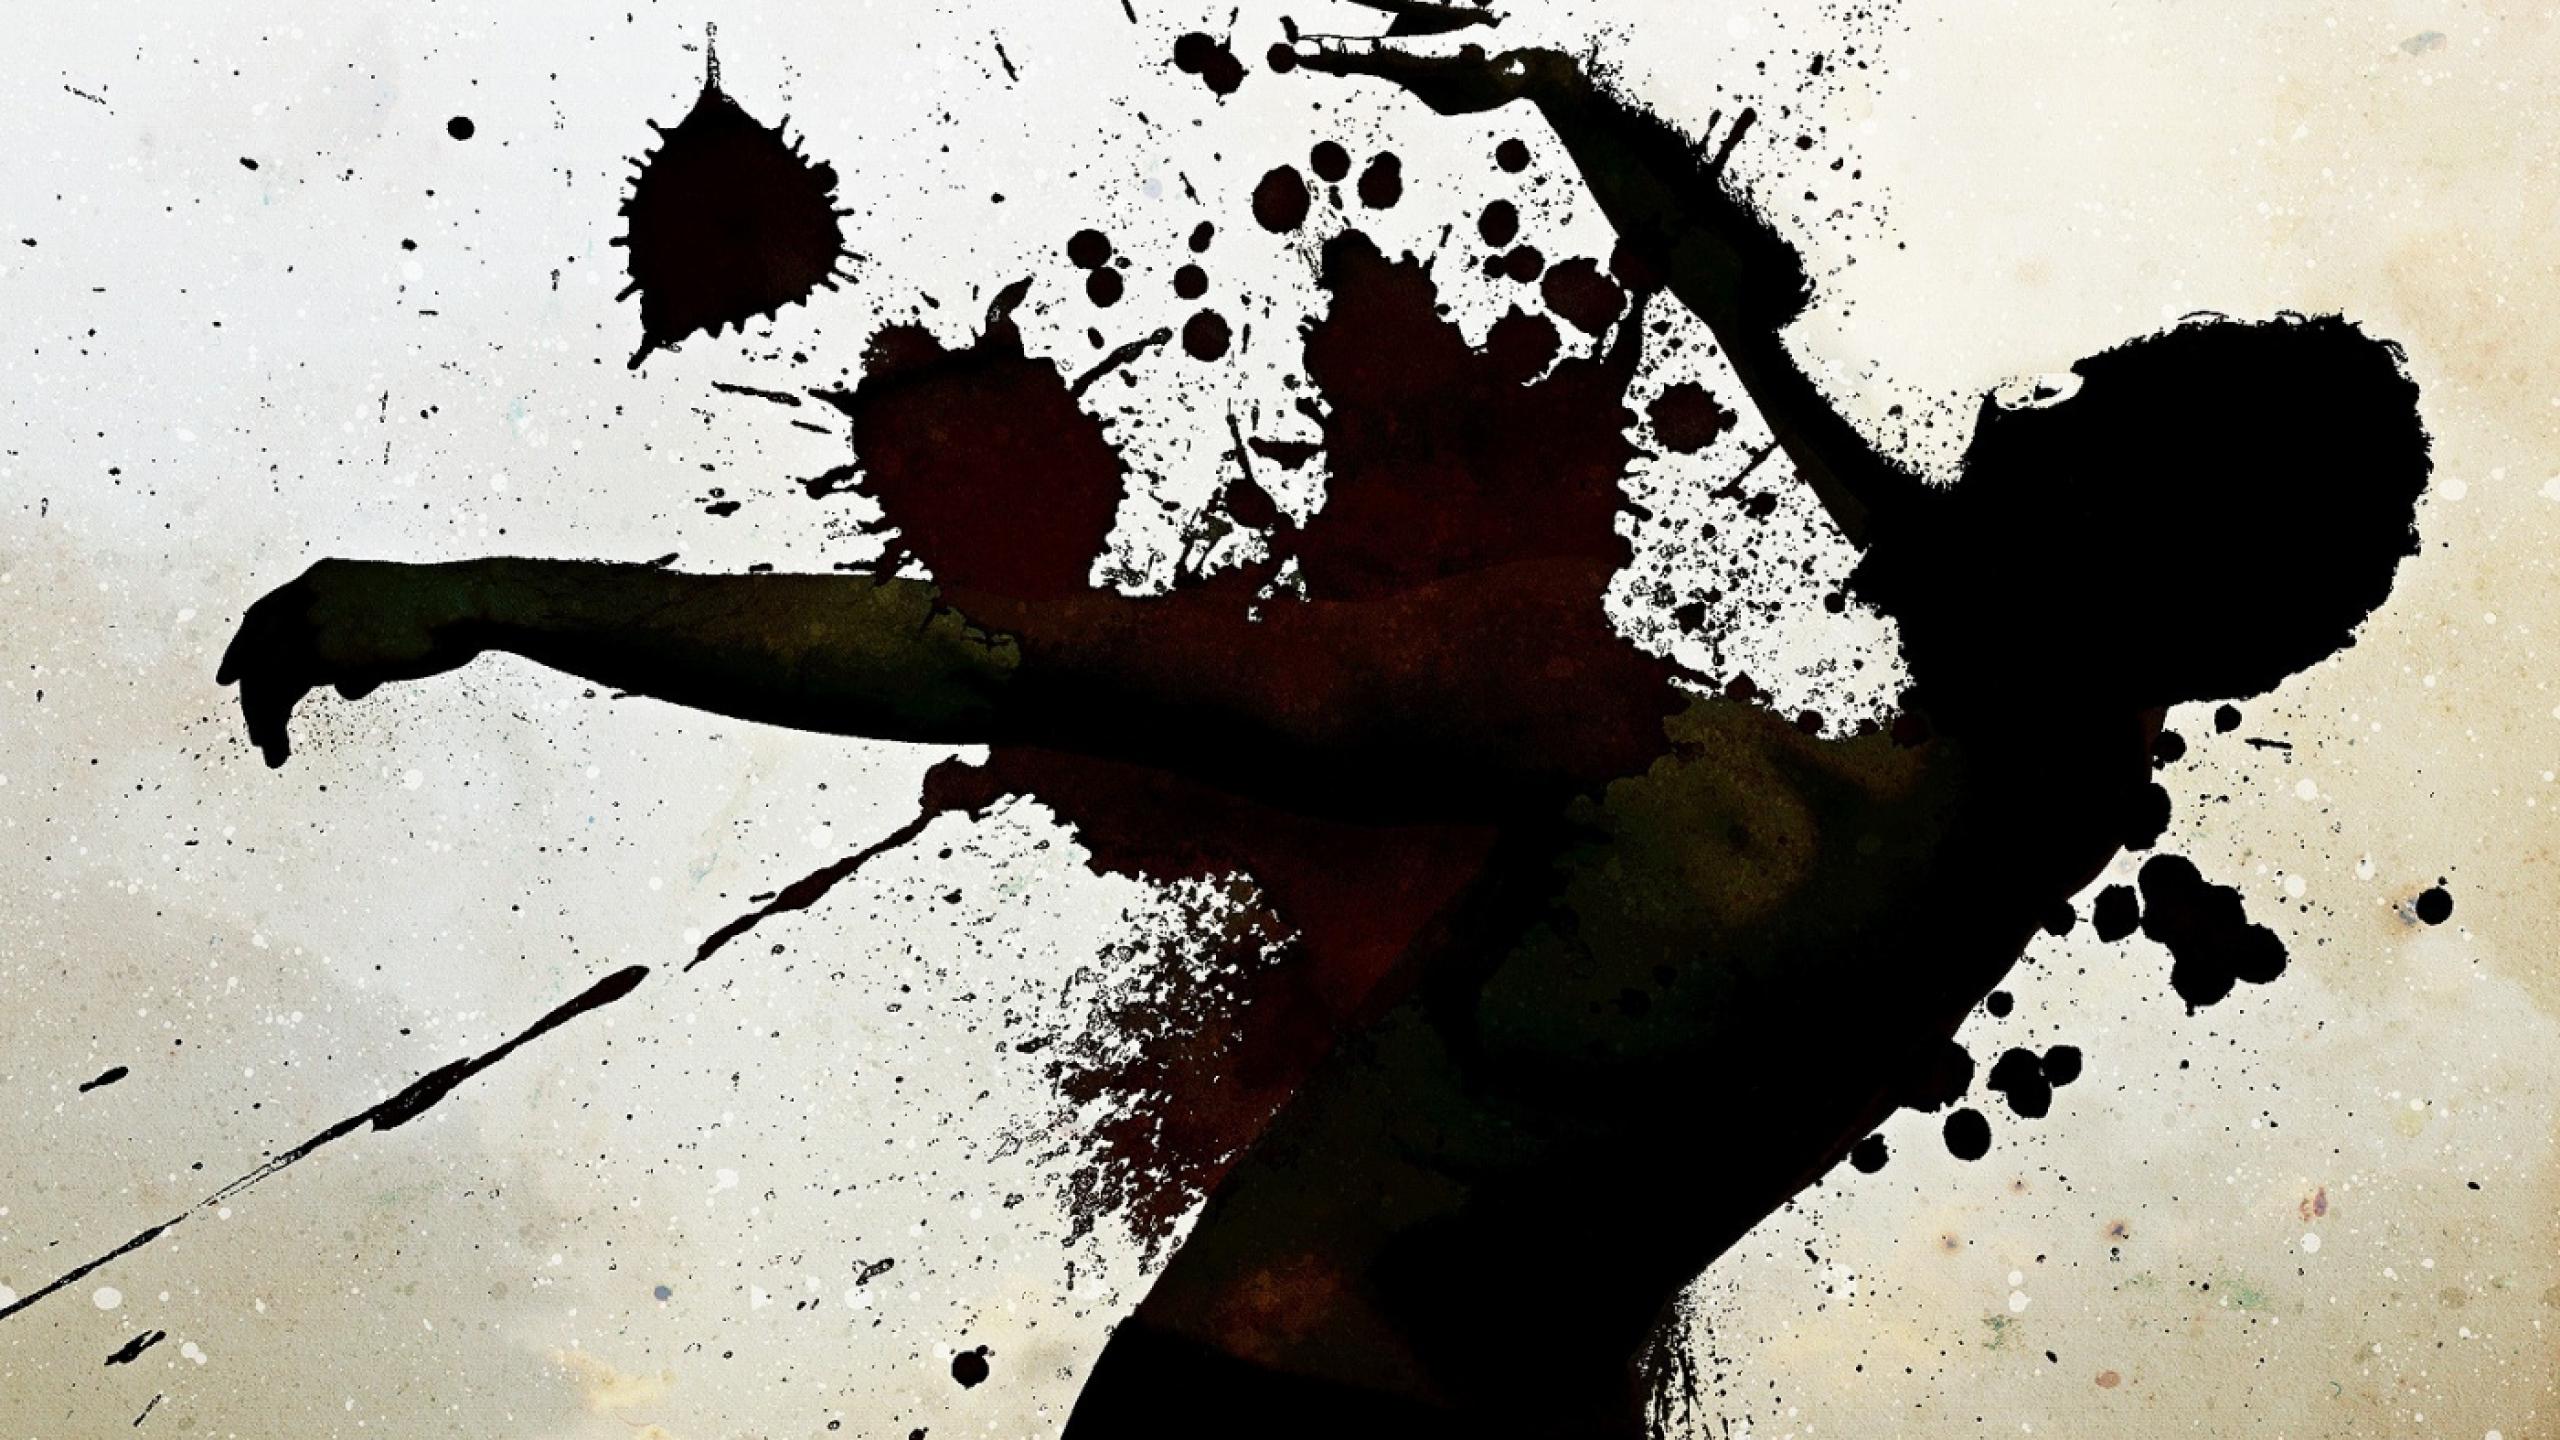 murder_2560x1440